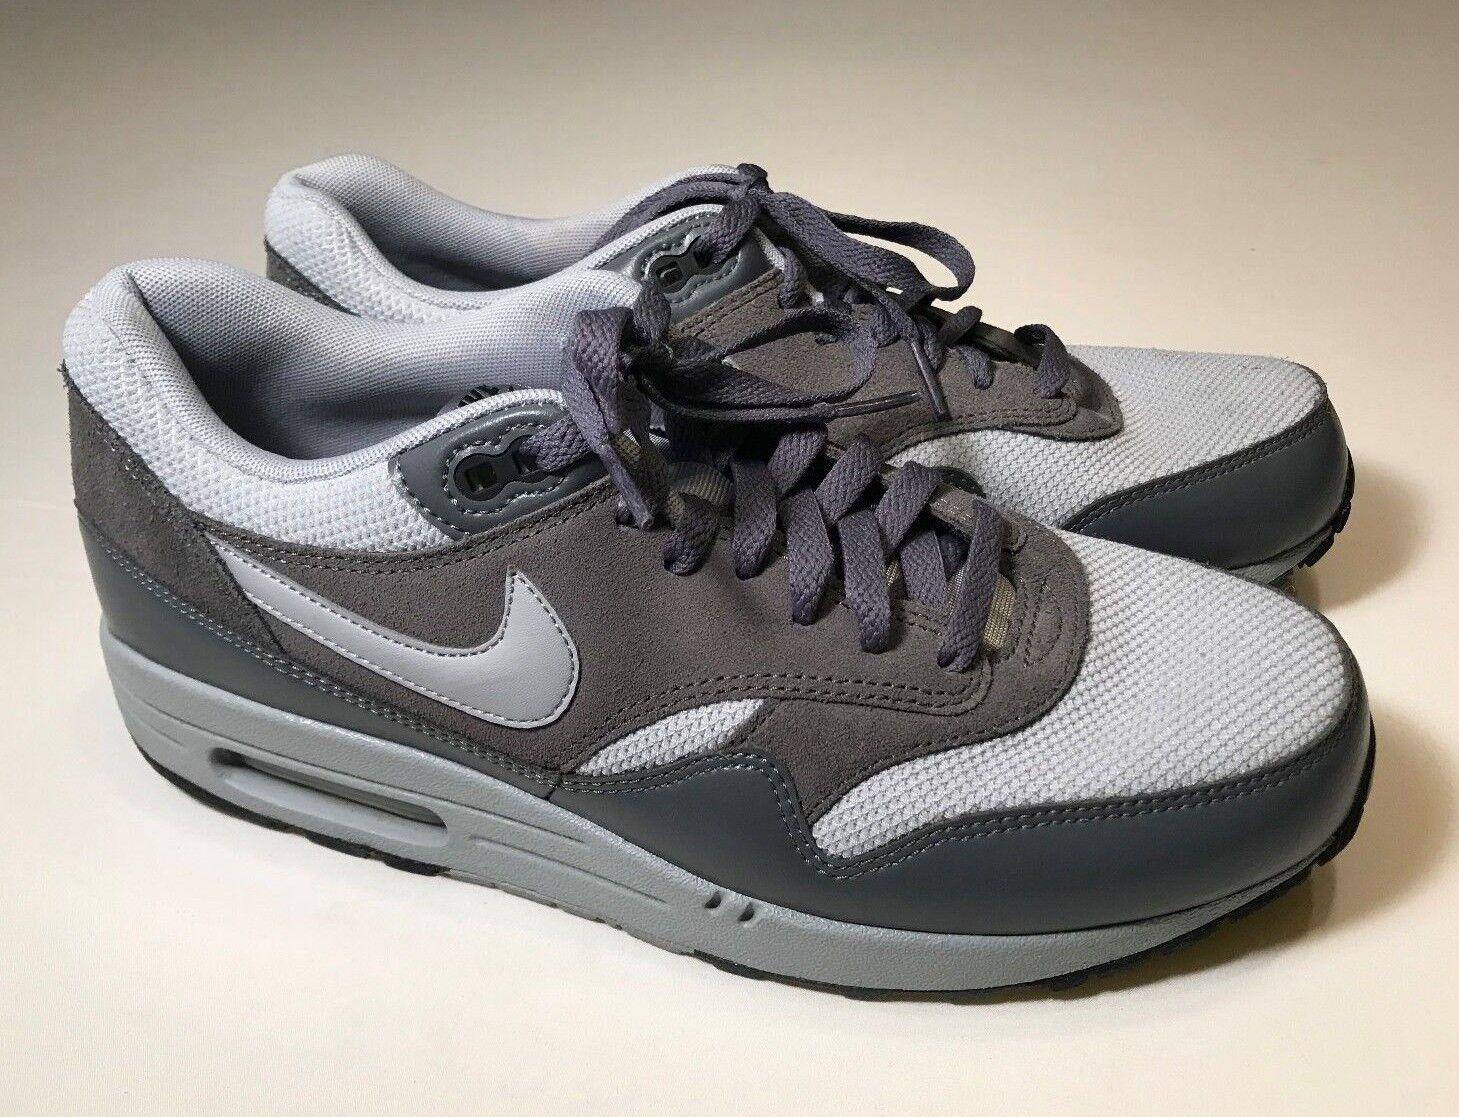 Nike air max 1 essenziale (537383-019) lupo grigio scarpe da ginnastica uomini 10, 1977